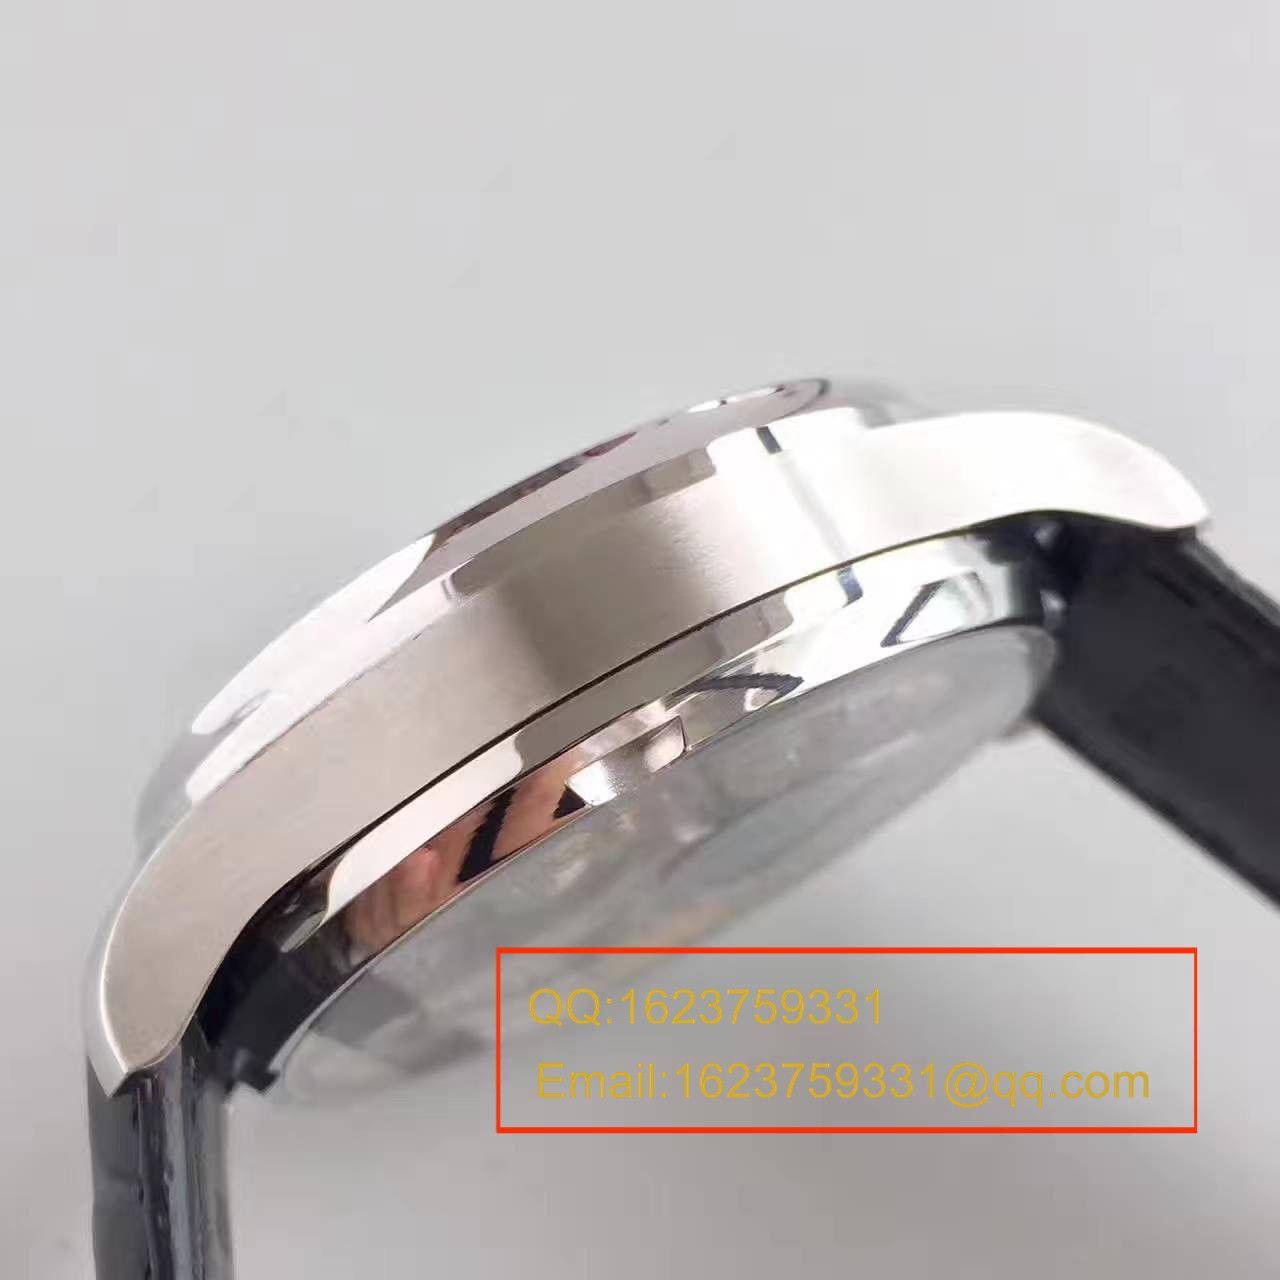 【ZF厂一比一复刻手表】 万国葡萄牙系列七日链IW500112 劳伦斯限量版腕表 / WG103